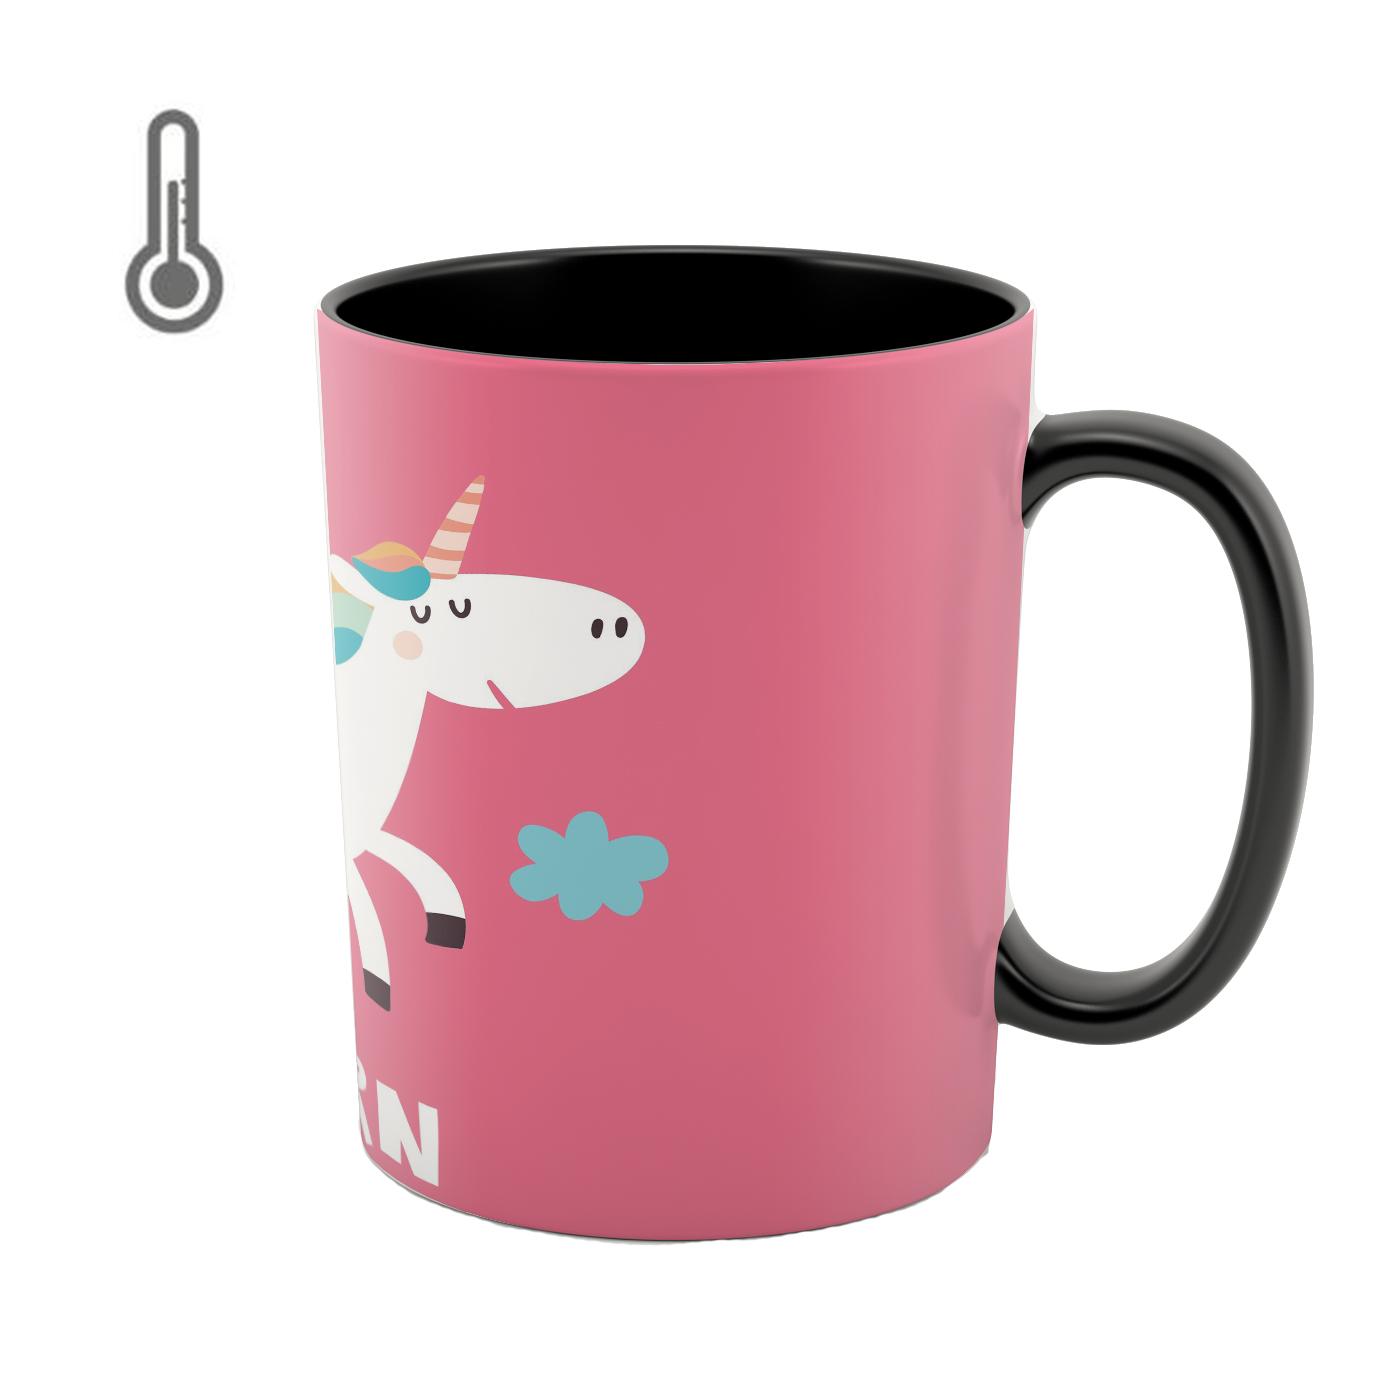 ماگ حرارتی طرح unicorn کد 02